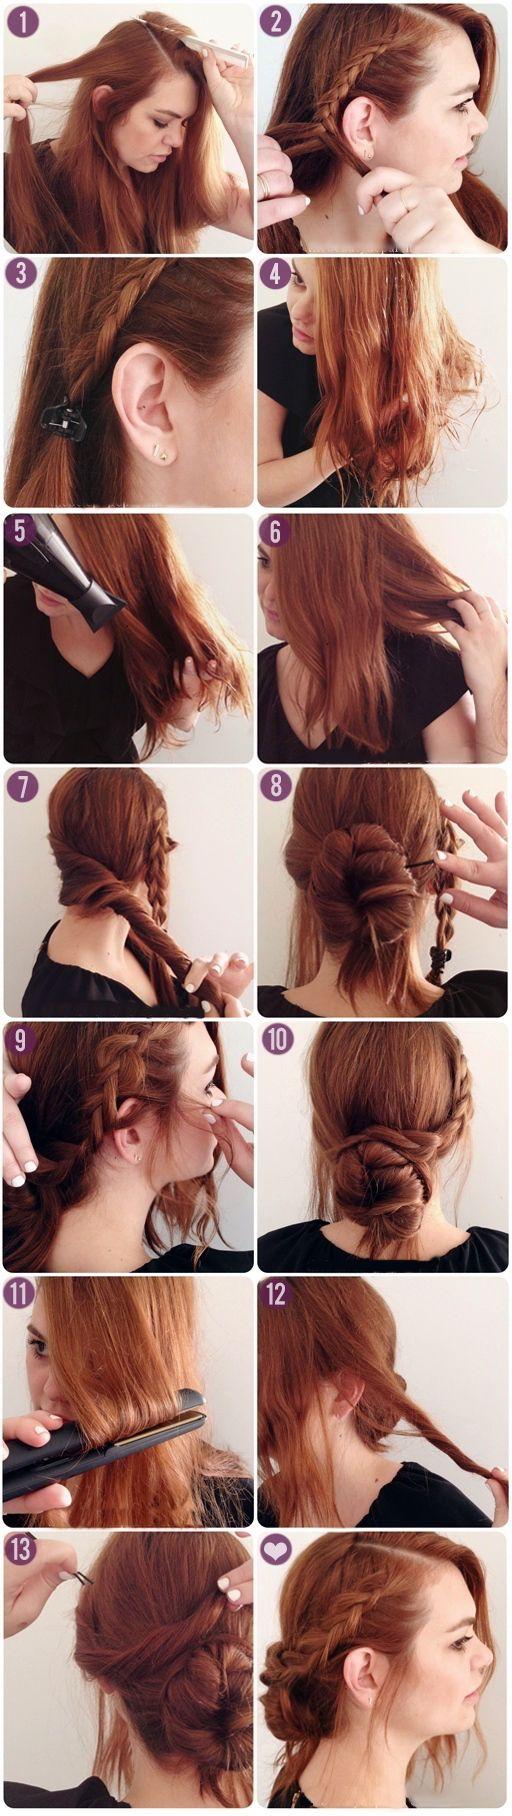 Peinados Fáciles Para Pelo Largo Peinados Peinados Para